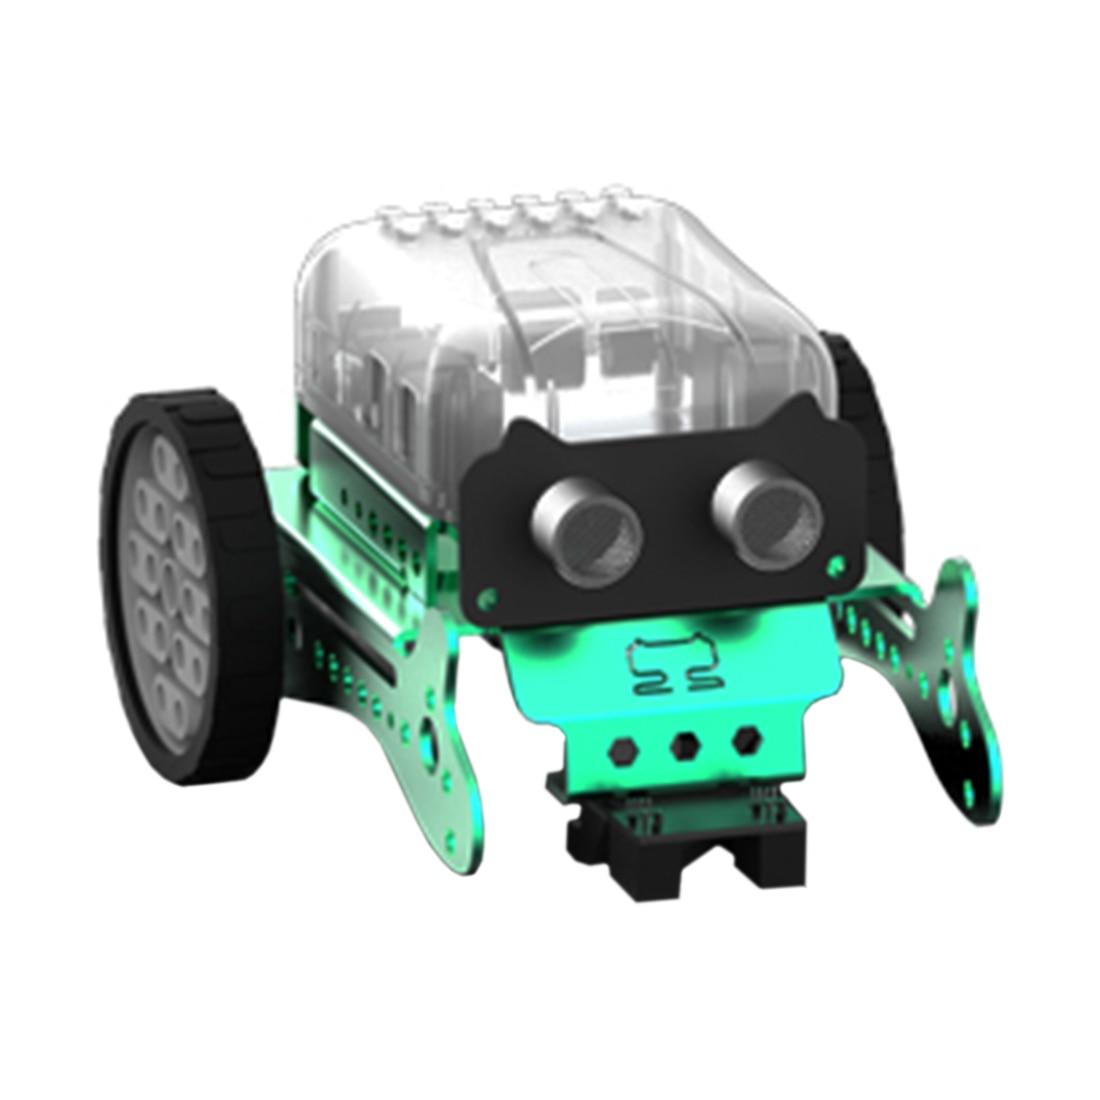 Сделай Сам Нео Программирование царапина Интеллектуальный автомобиль избегания препятствий робот набор для детей подарок игрушка модель мини умный робот-зеленый красный - Цвет: Green